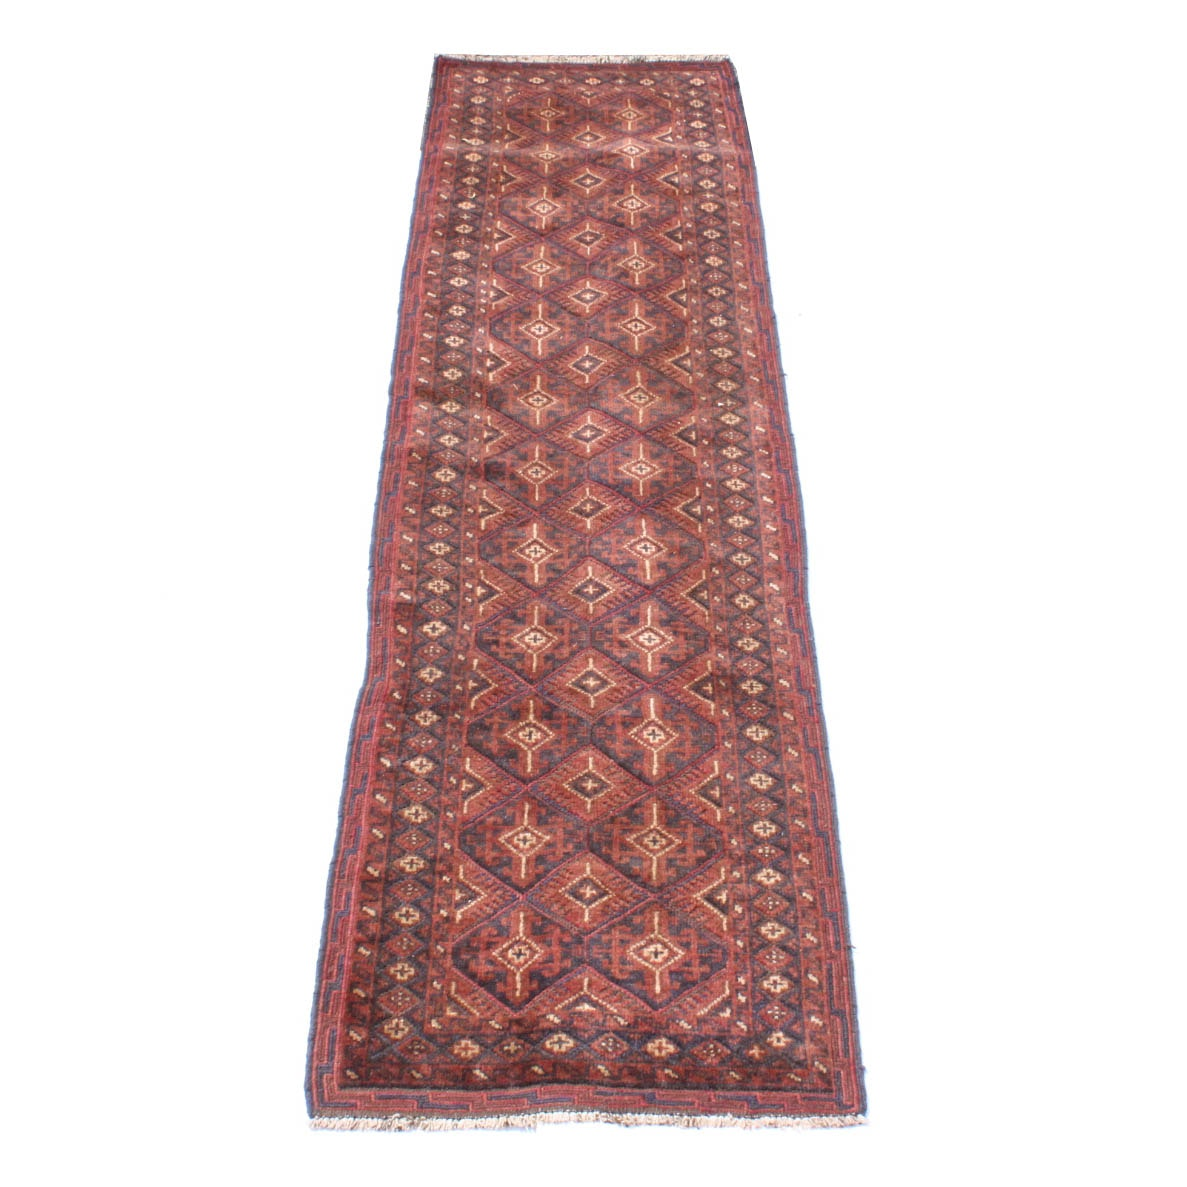 Handwoven Northeast Persian Baluch Runner